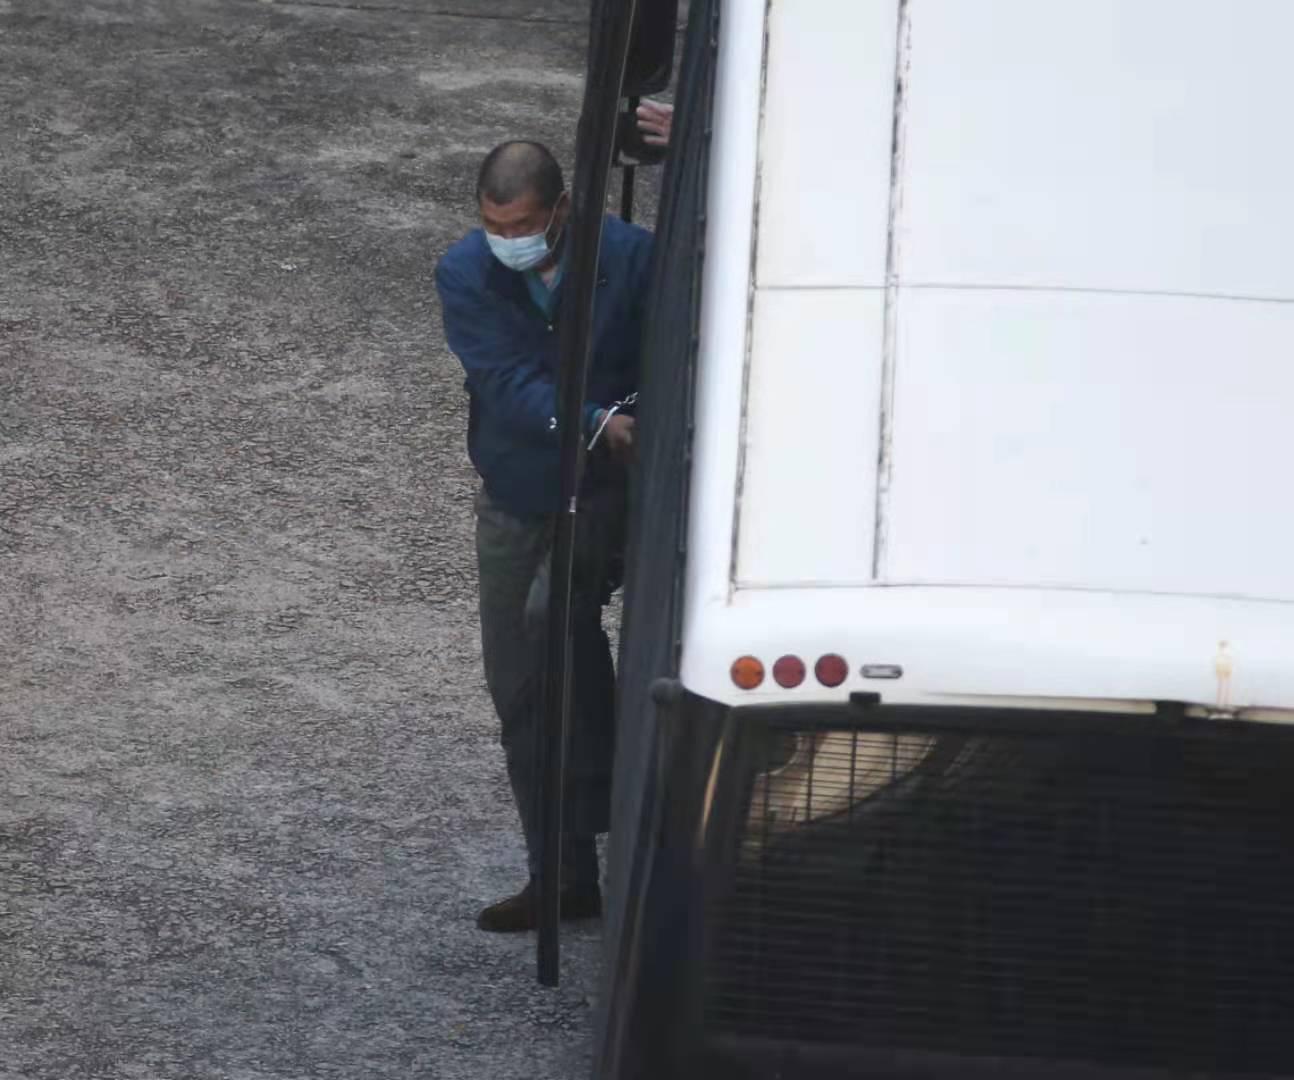 黎智英雙手戴手銬被囚車押抵荔枝角收押所。(大公文匯全媒體記者攝)